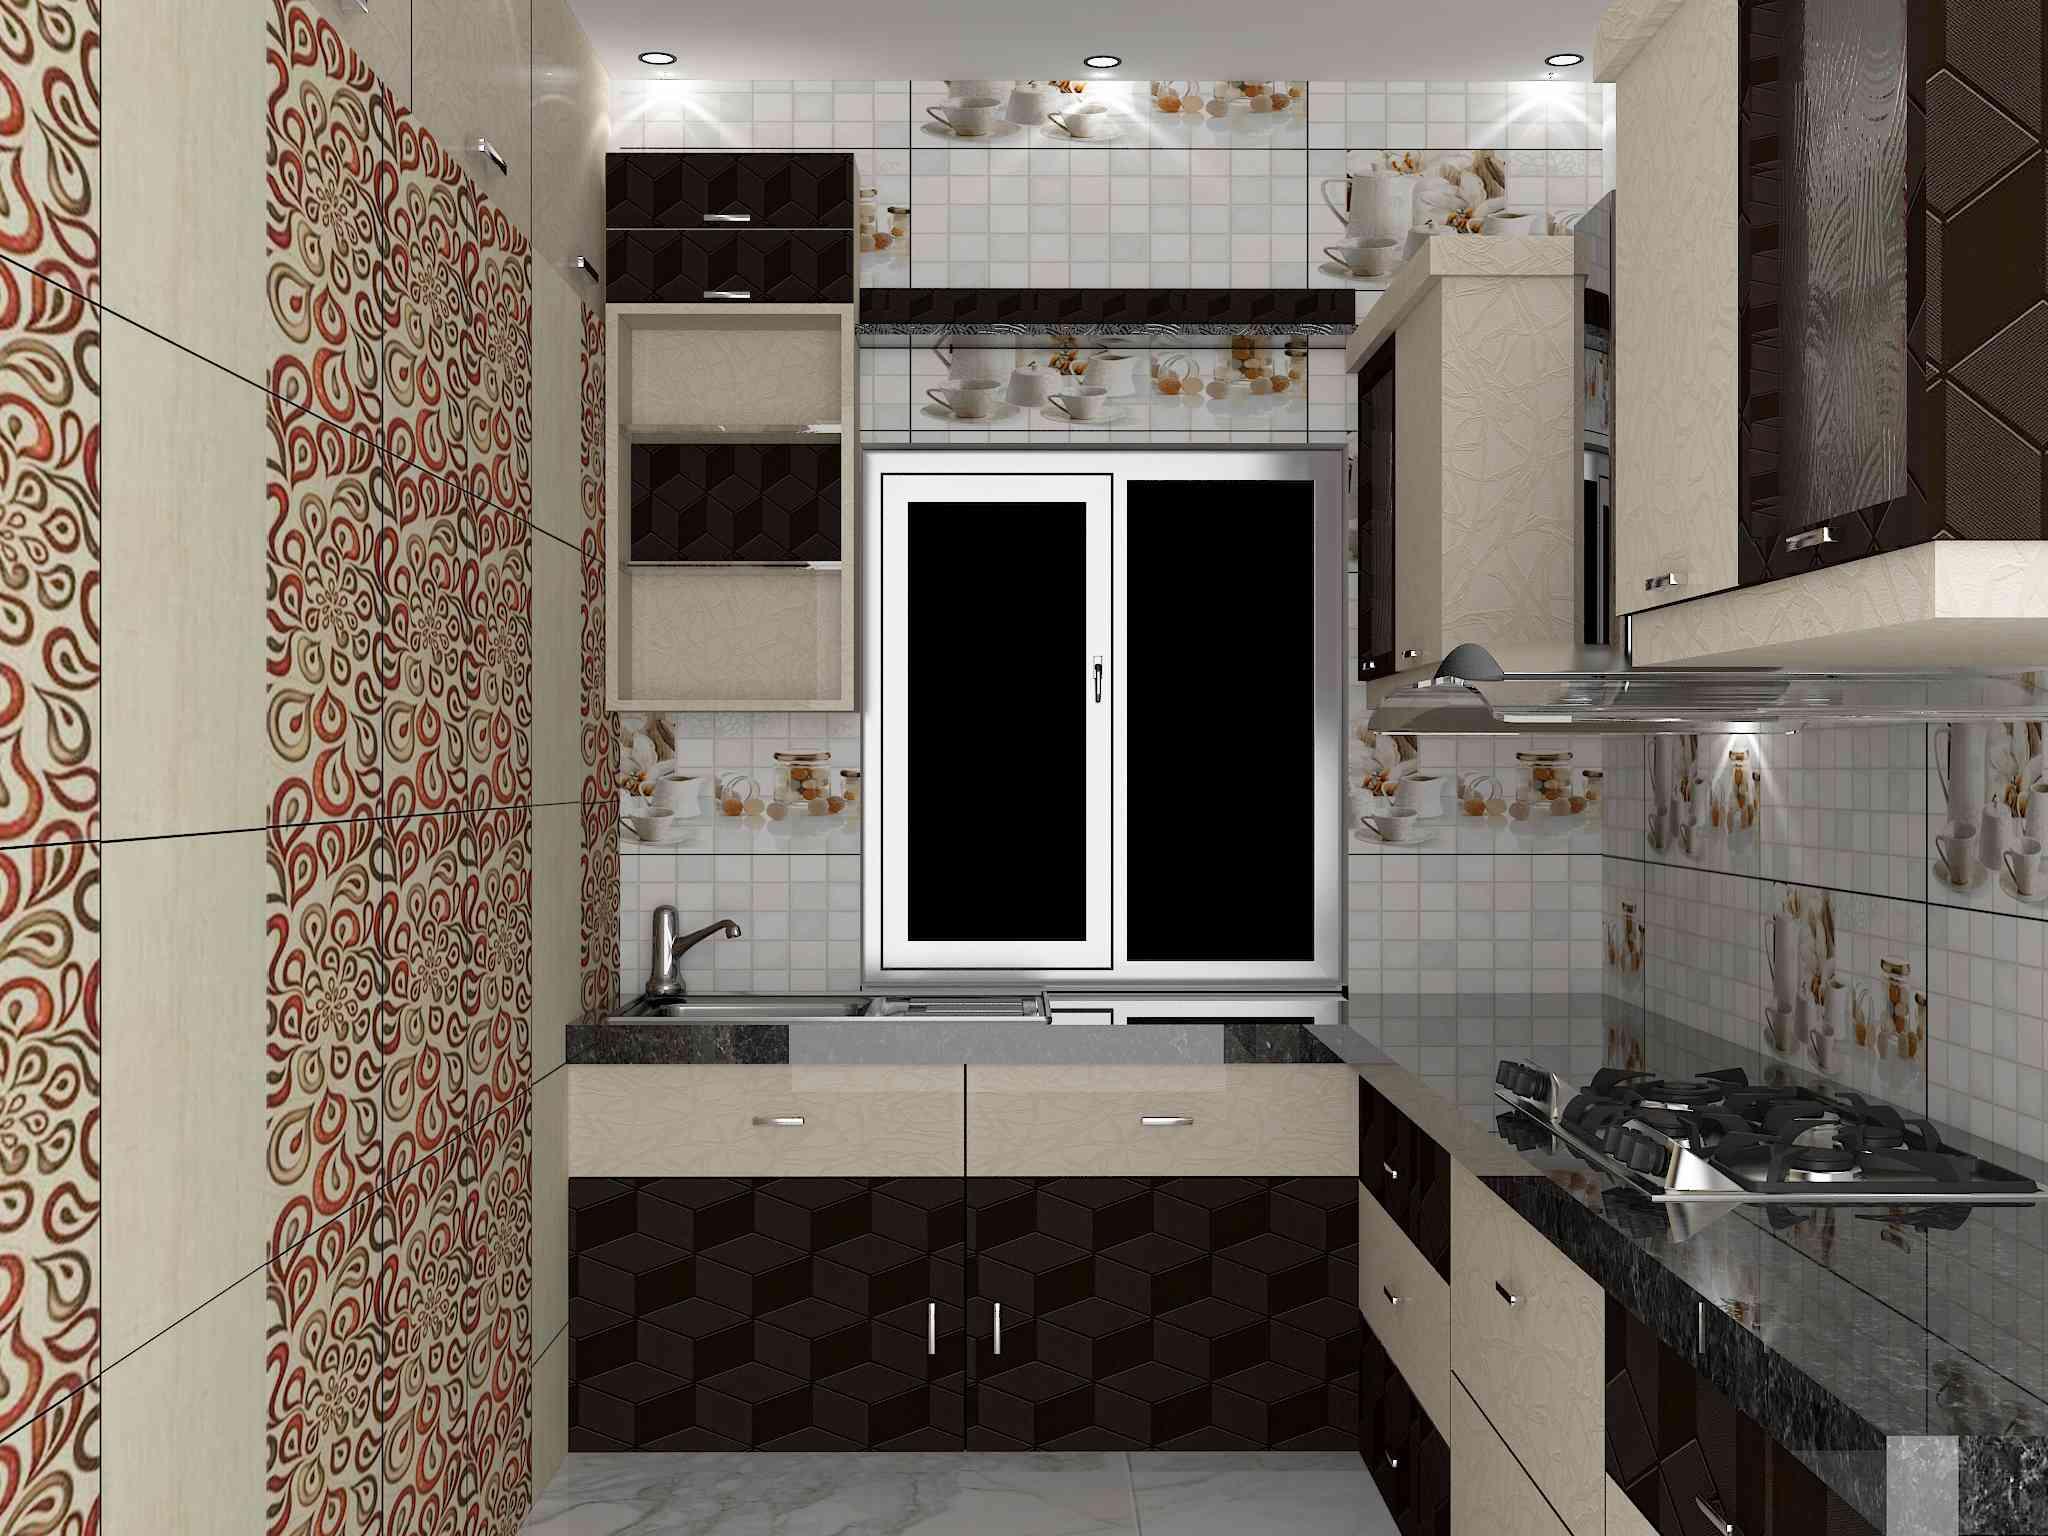 Interior Design Bengali Style Interiors Bengali Style Interior Designs,Minimalist Interior Design Concept Board